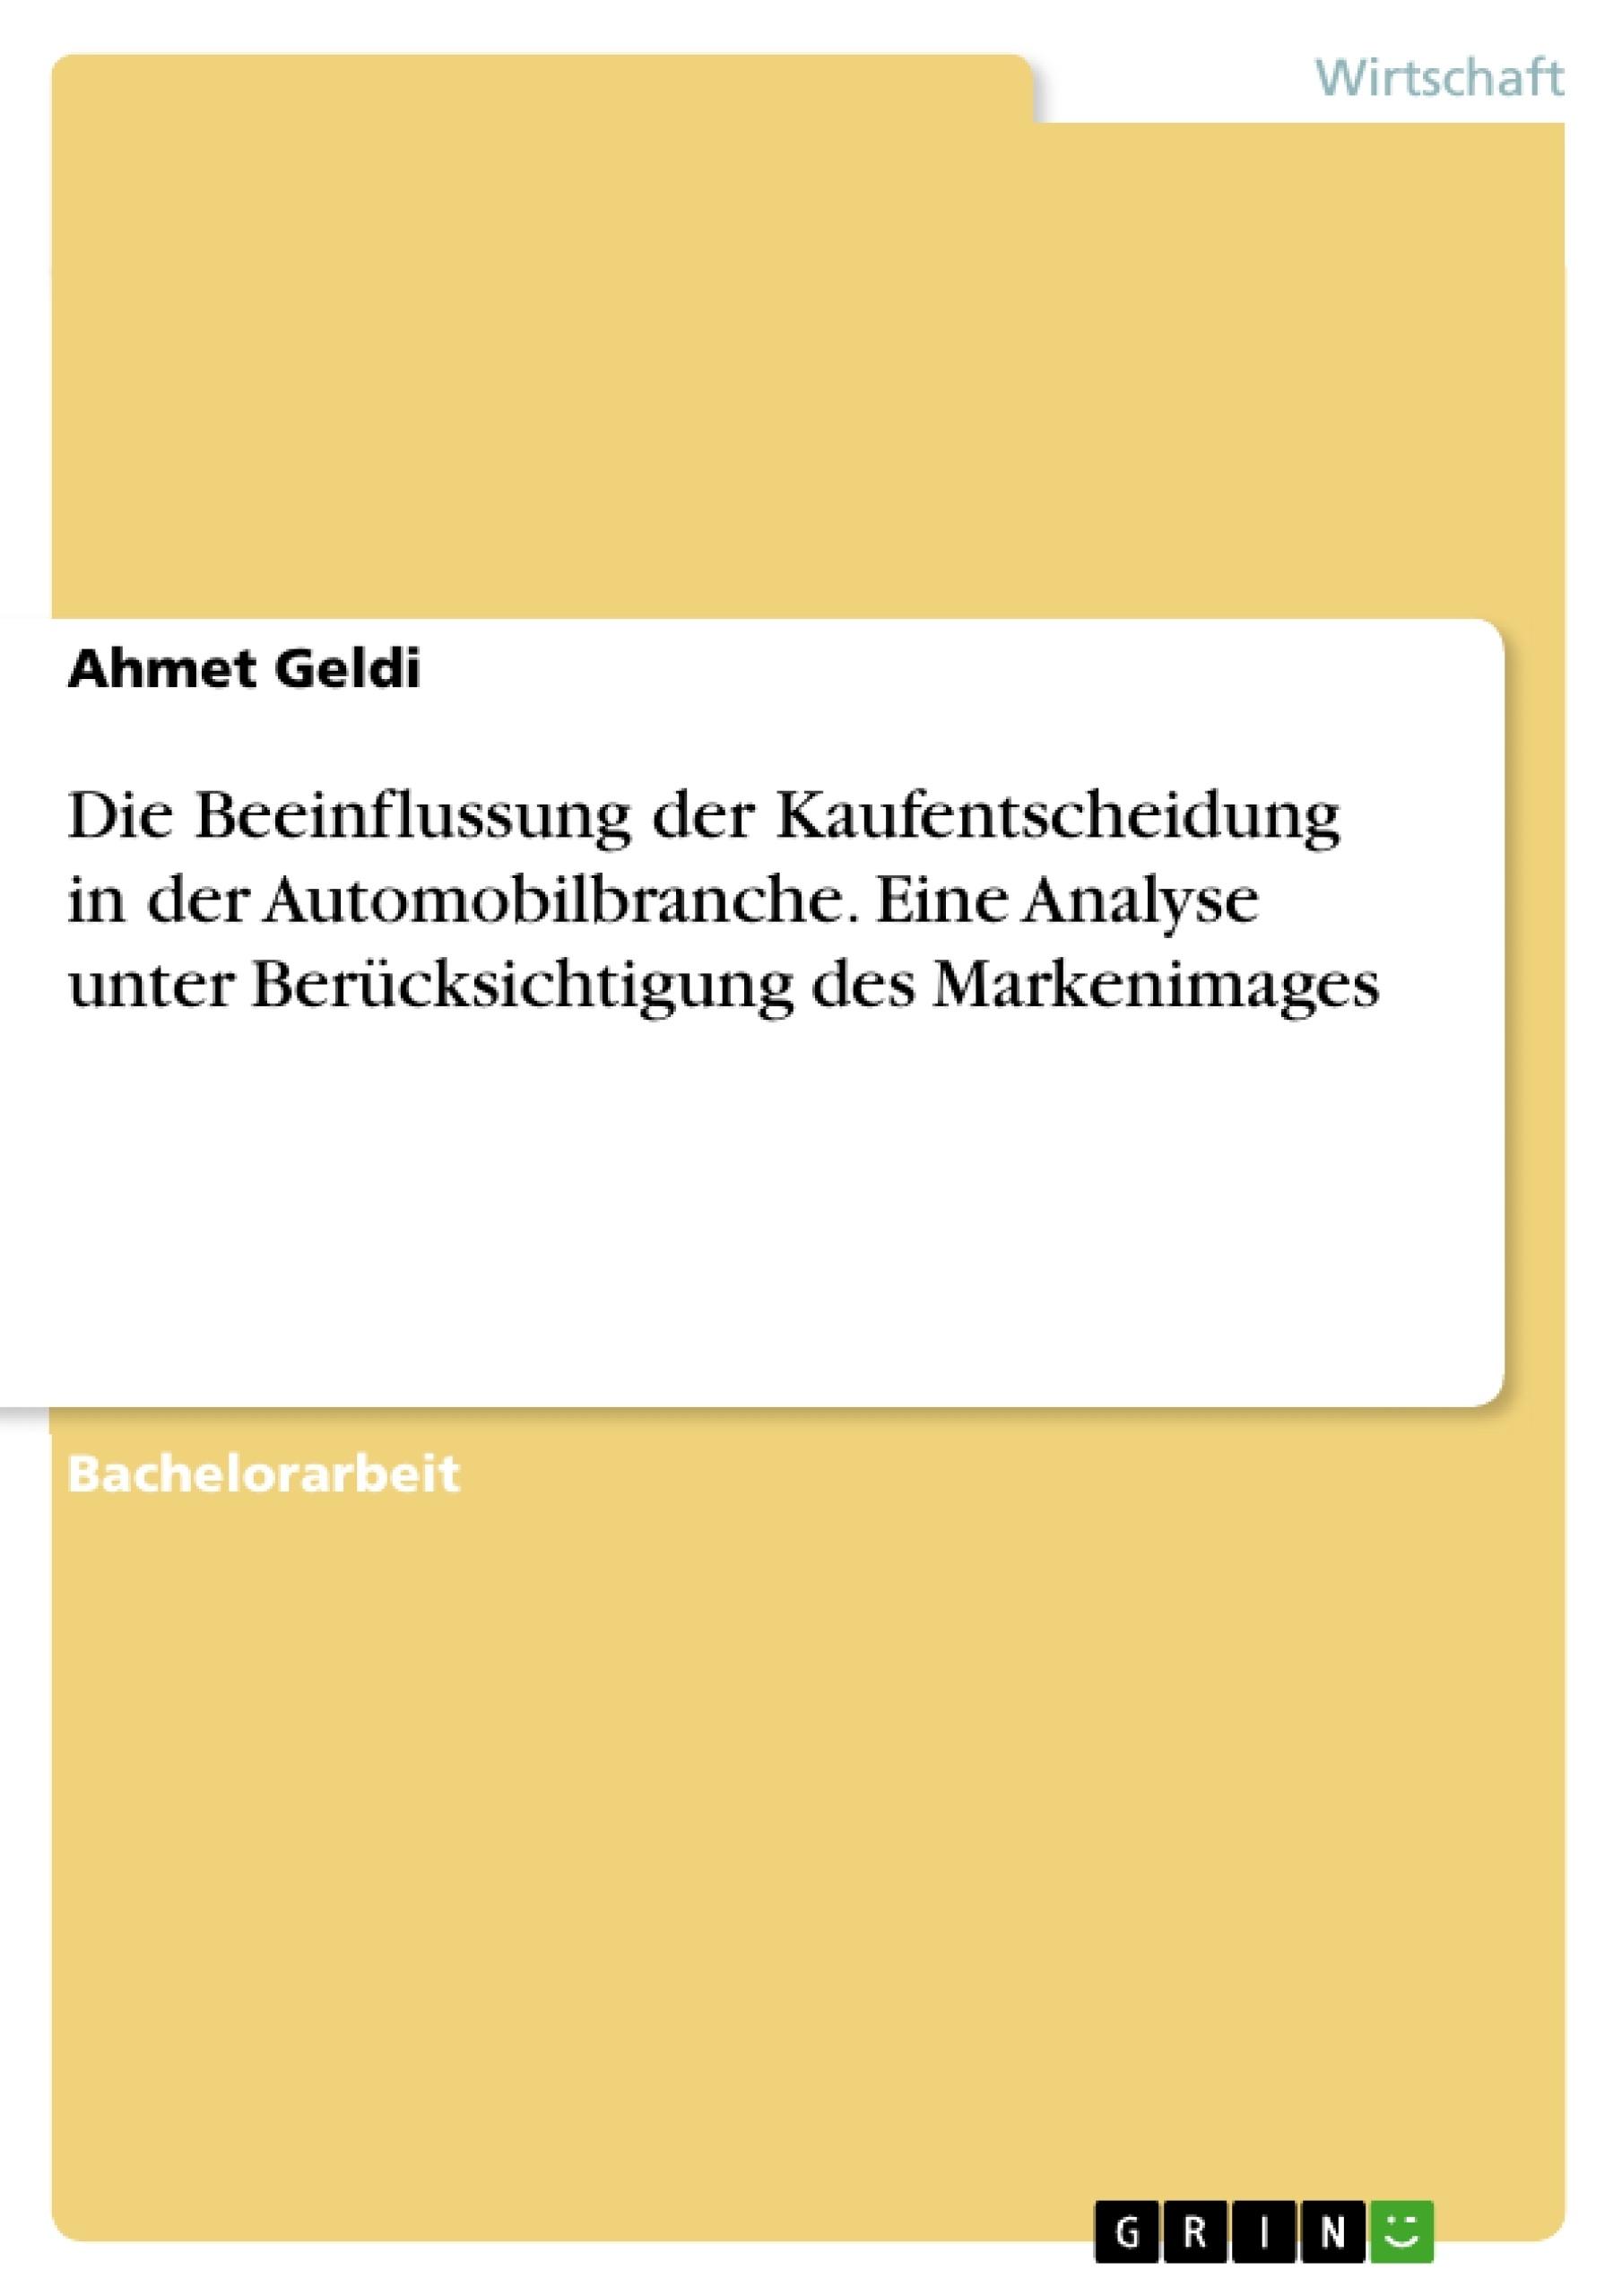 Titel: Die Beeinflussung der Kaufentscheidung in der Automobilbranche. Eine Analyse unter Berücksichtigung des Markenimages